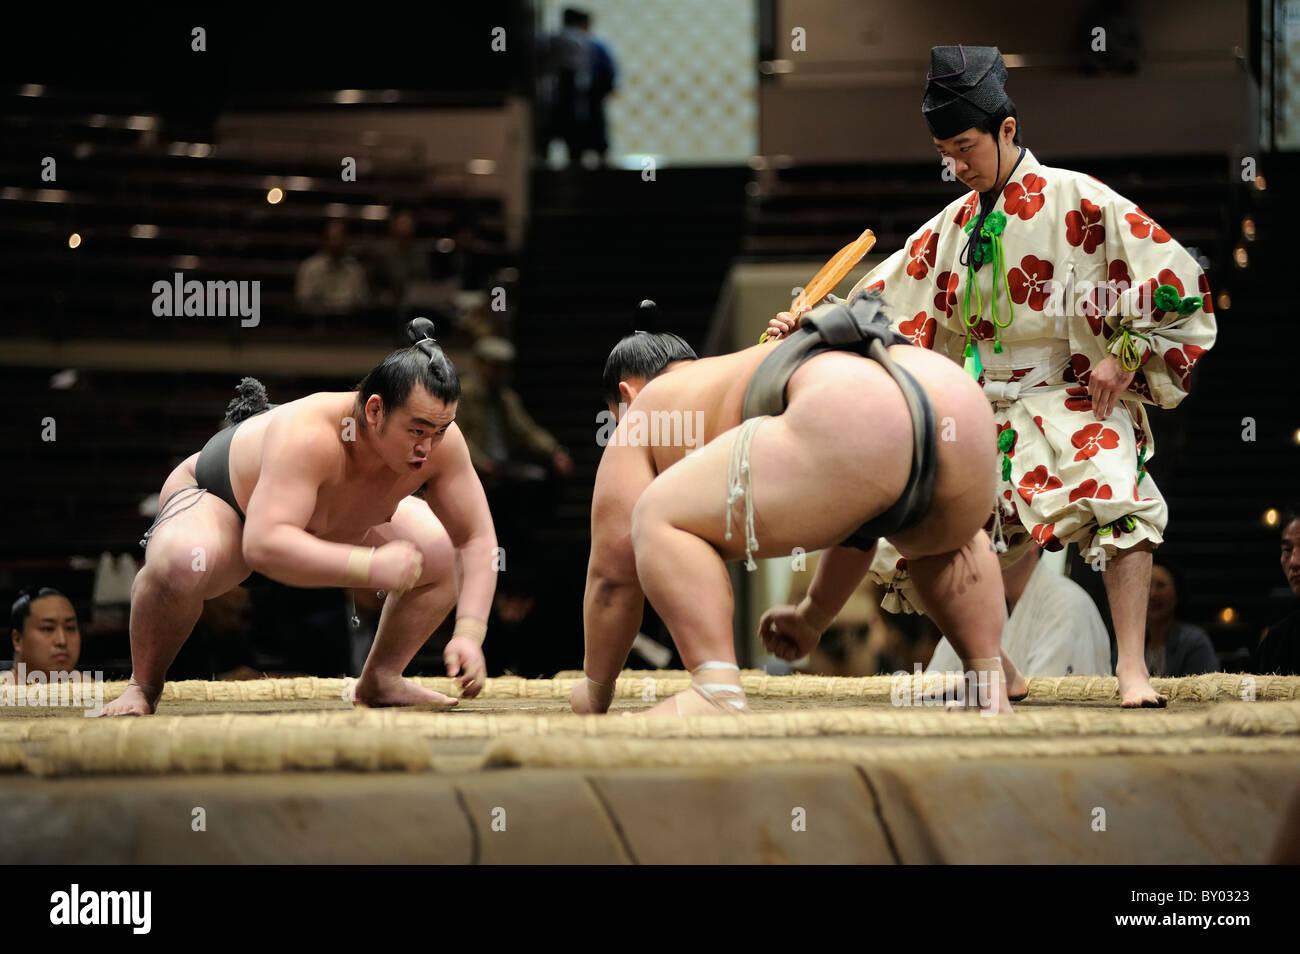 Due lottatori di sumo a partire lo scontro, Grandi Campionati di Sumo maggio 2010, Ryogoku Kokugikan, Tokyo, Giappone Immagini Stock